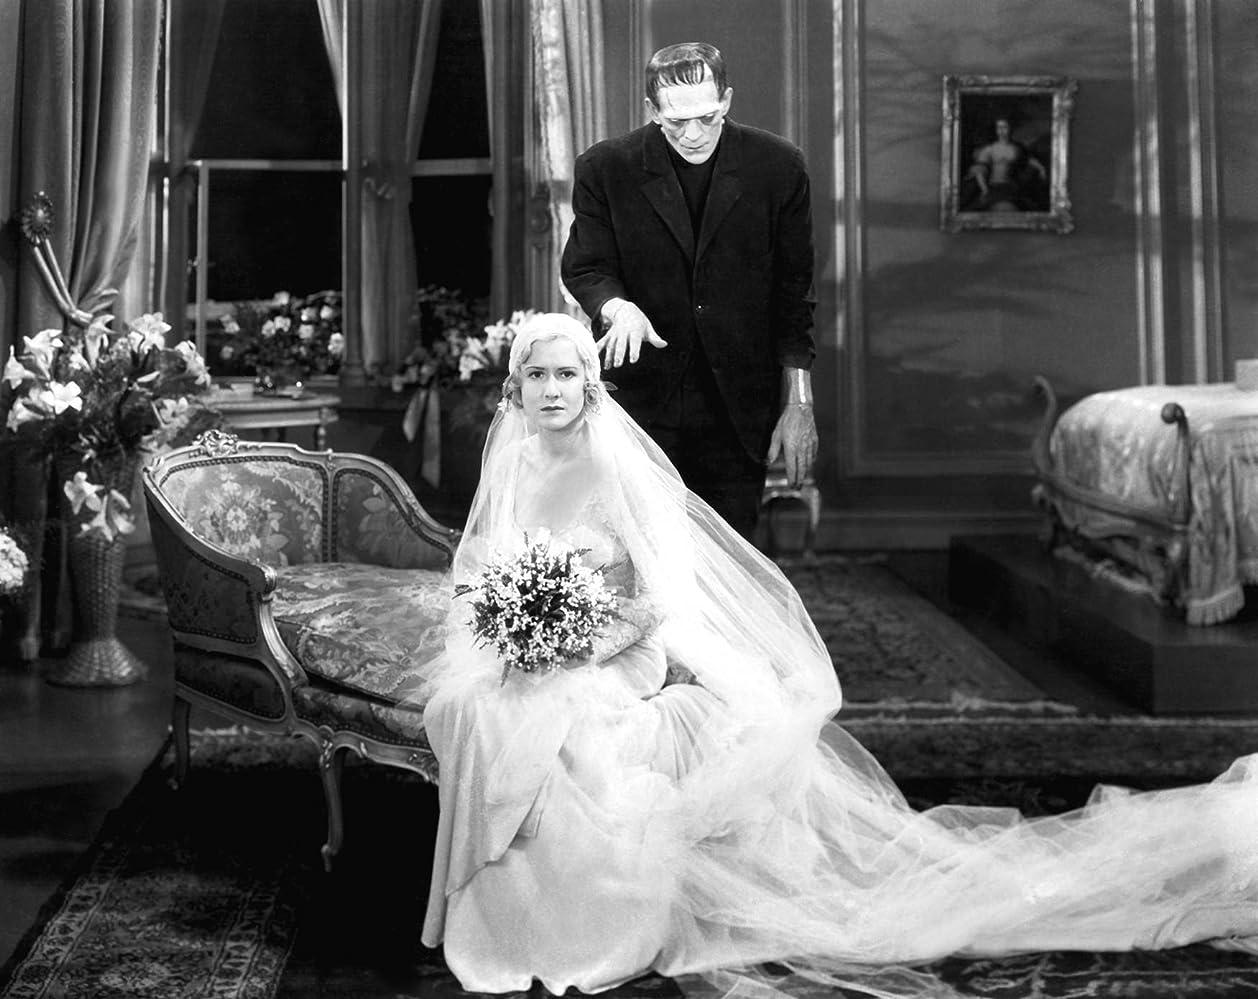 Boris Karloff and Mae Clarke in Frankenstein (1931)